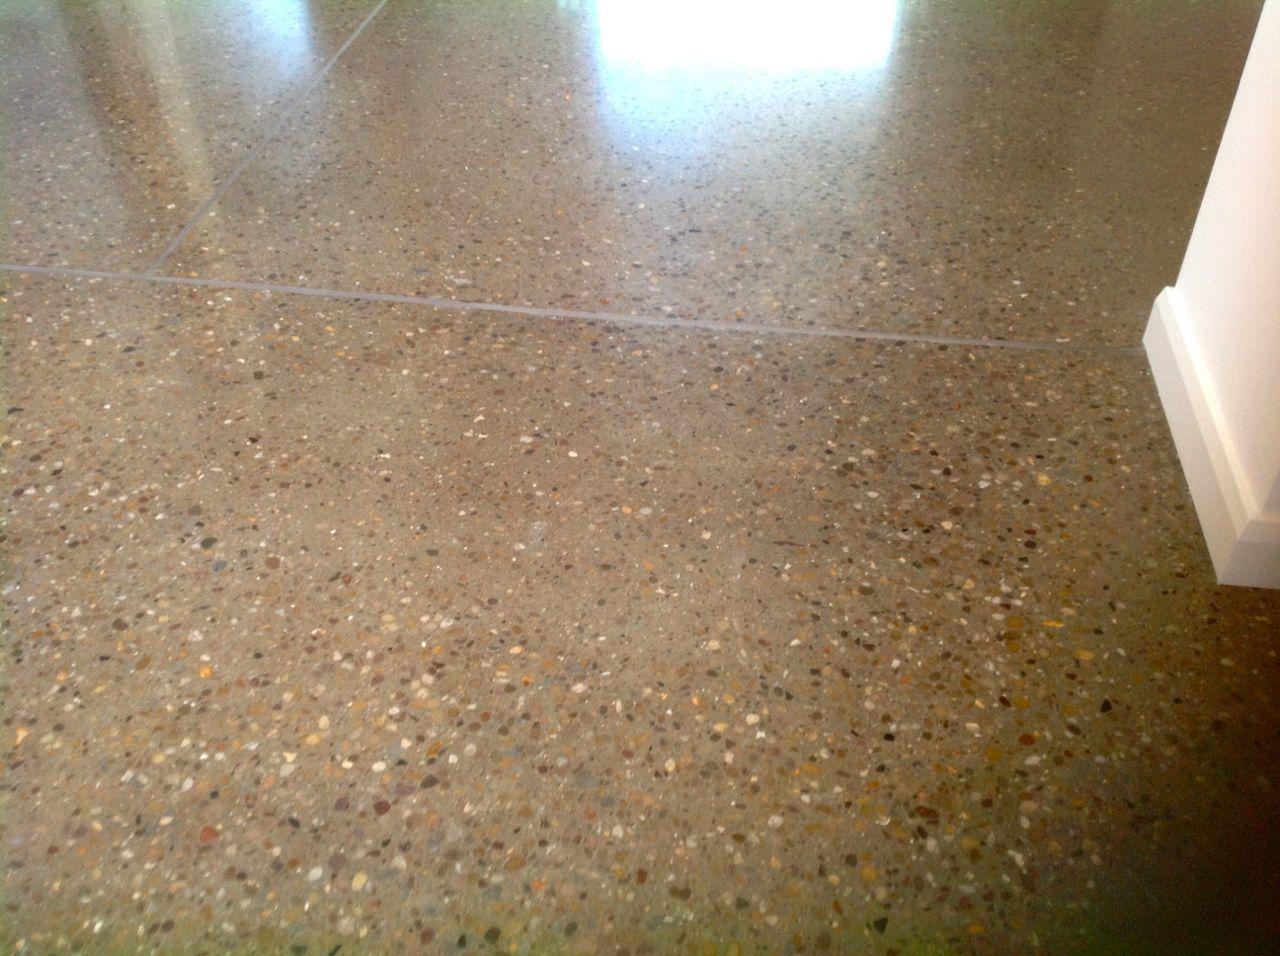 1000+ images about Polished ggregate Floor on Pinterest - ^